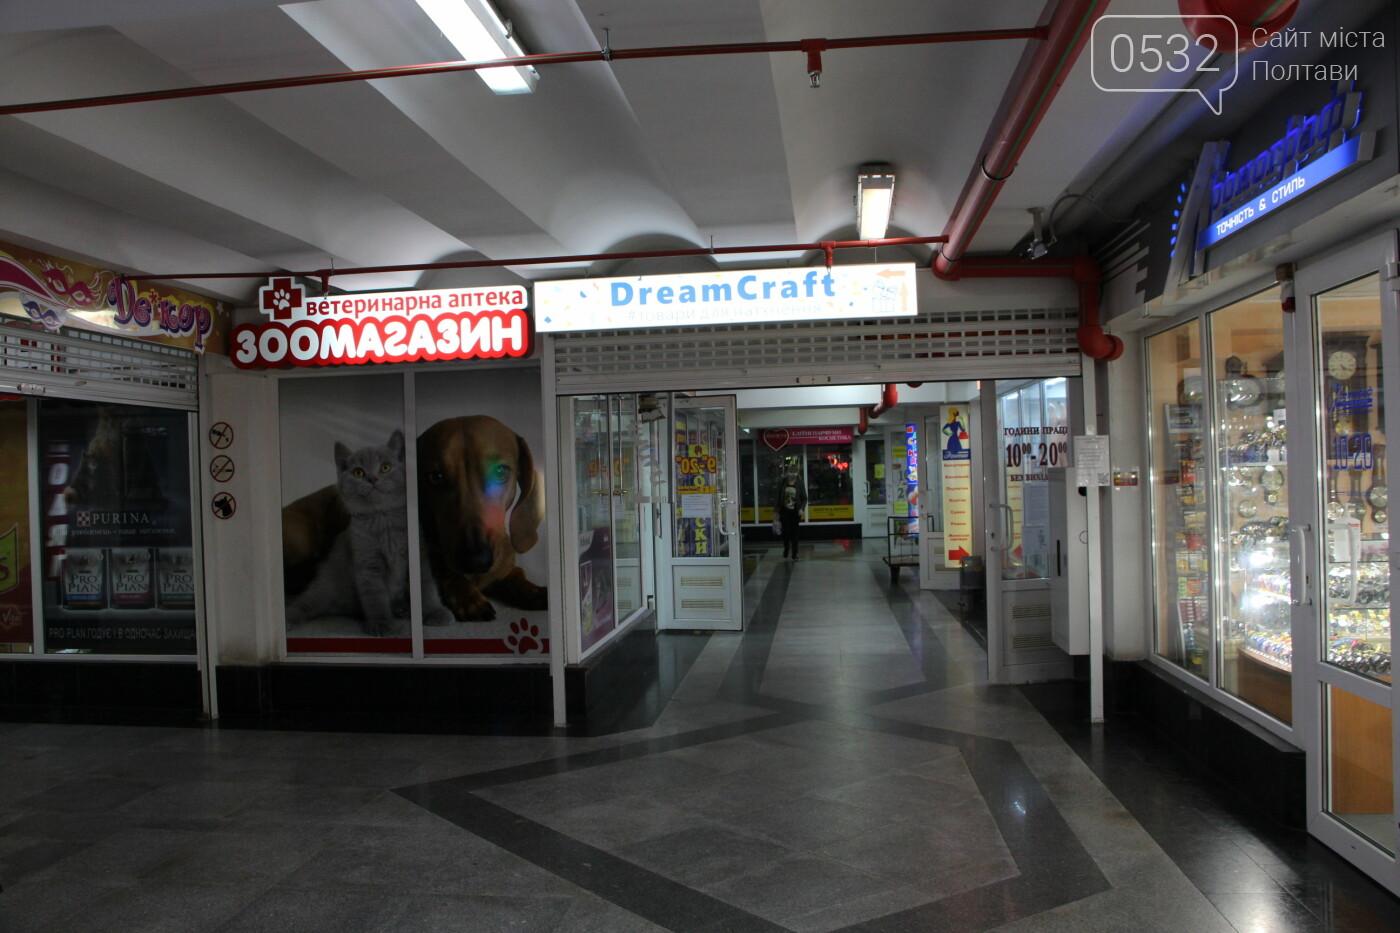 Центр Полтави: що відкрилось після карантину? (ФОТО), фото-5